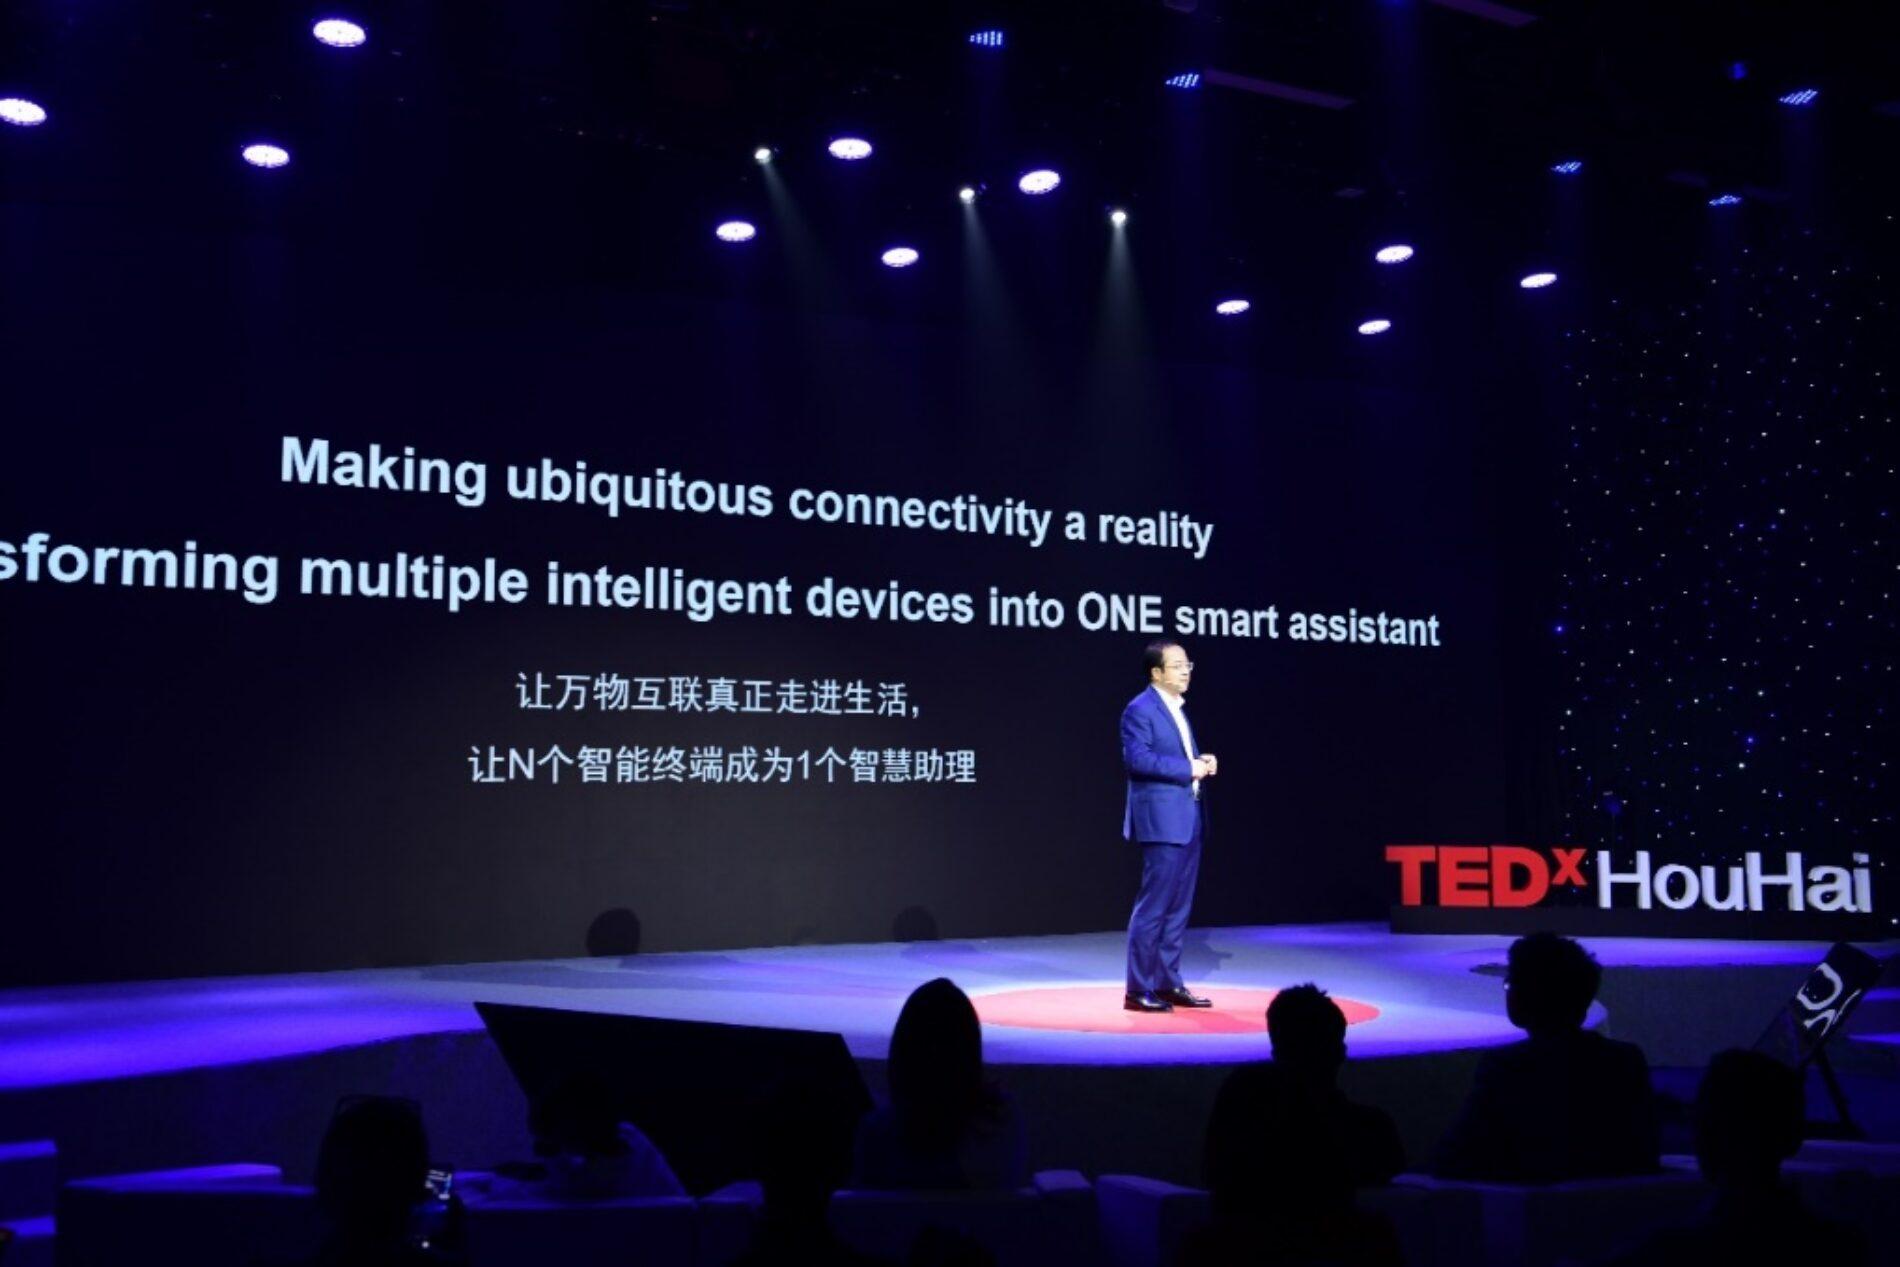 La tecnología cambia vidas y alimenta sueños